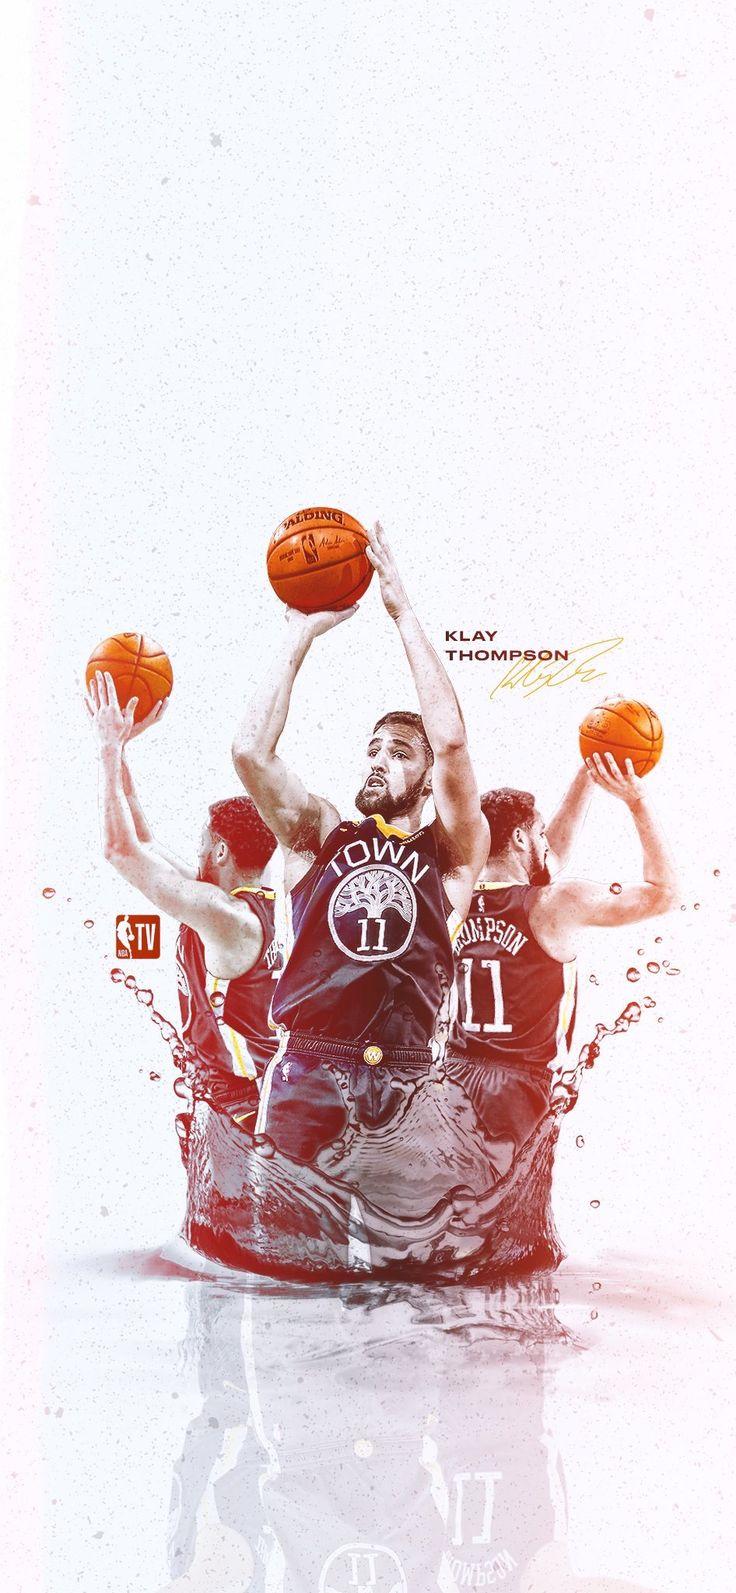 Pin by Juanba Teisa on NBA Basketball wallpaper